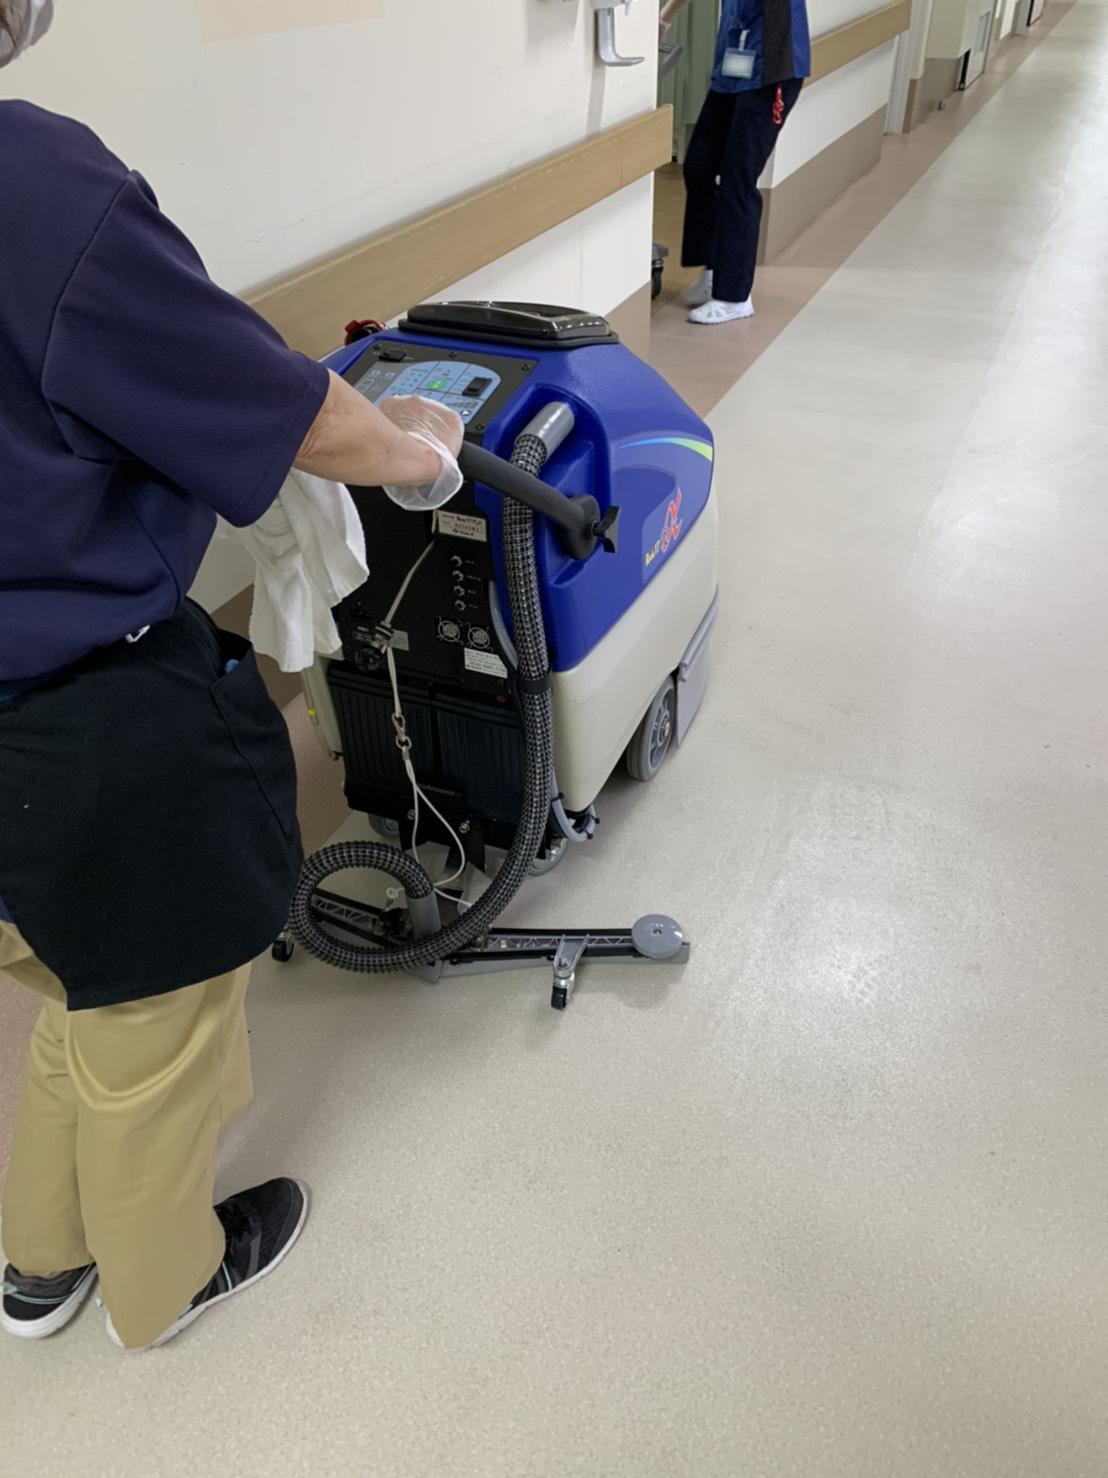 宇治病院 自動床洗浄機導入による廊下の清掃